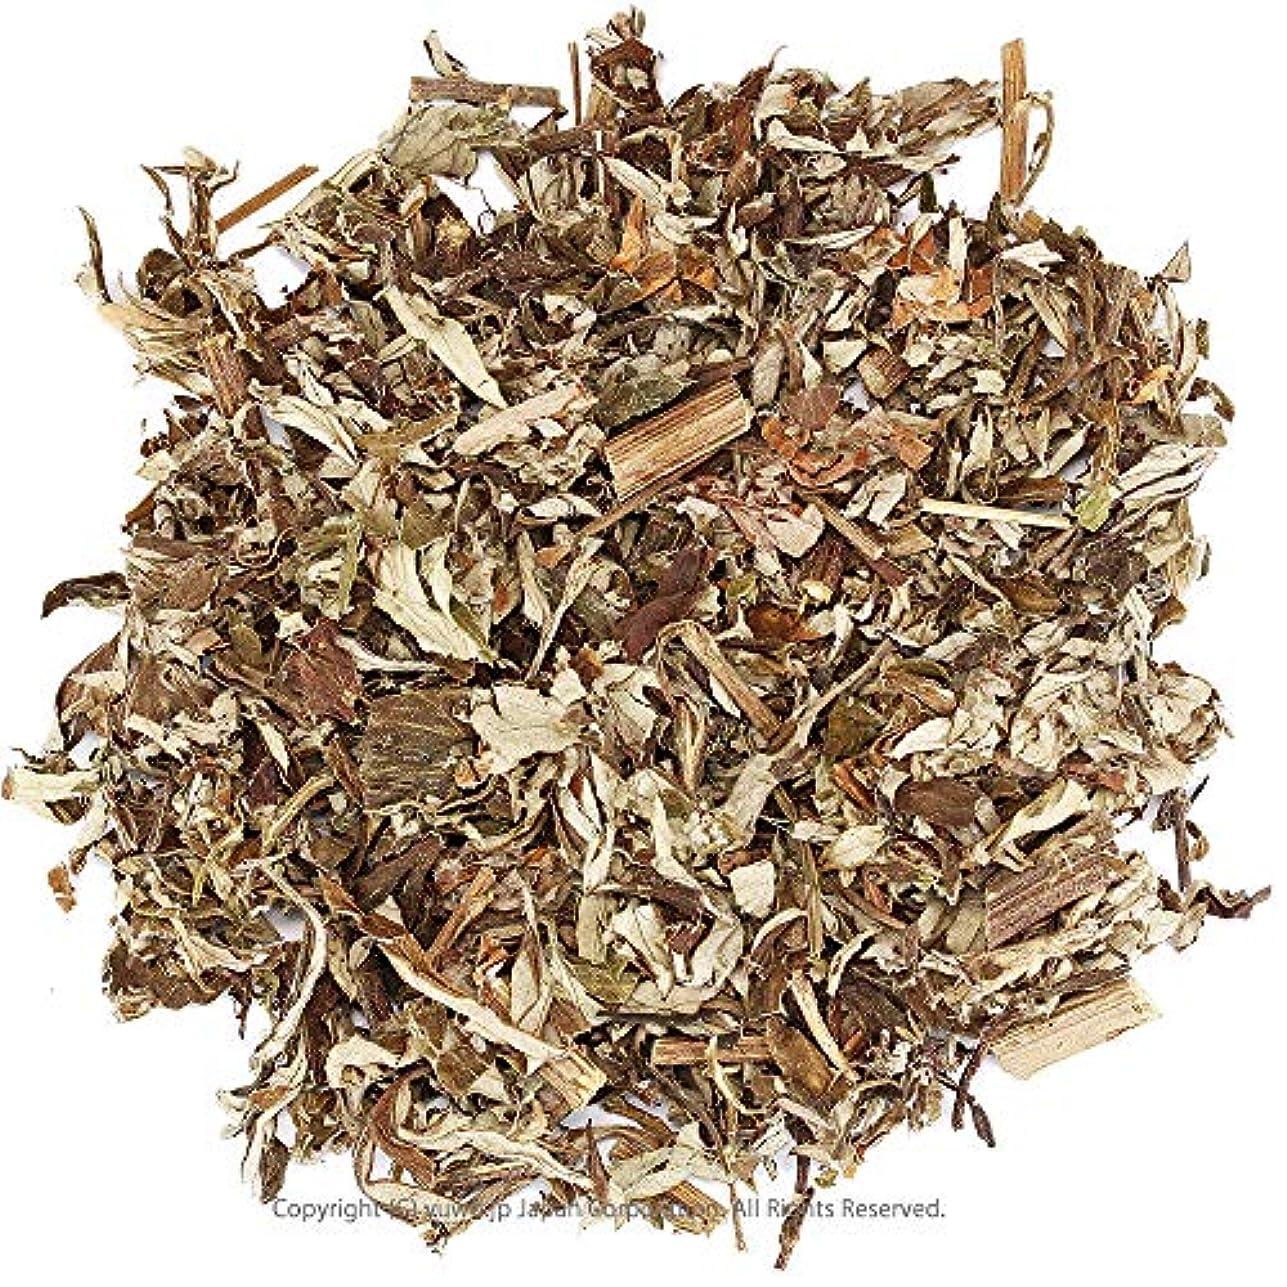 試してみるシーケンス自然ヨモギ業務用 500g 蓬茶 本場韓国産ヨモギ 葉(地上部 主に葉)100% 乾燥よもぎ茶 よもぎ風呂 ヨモギ蒸し